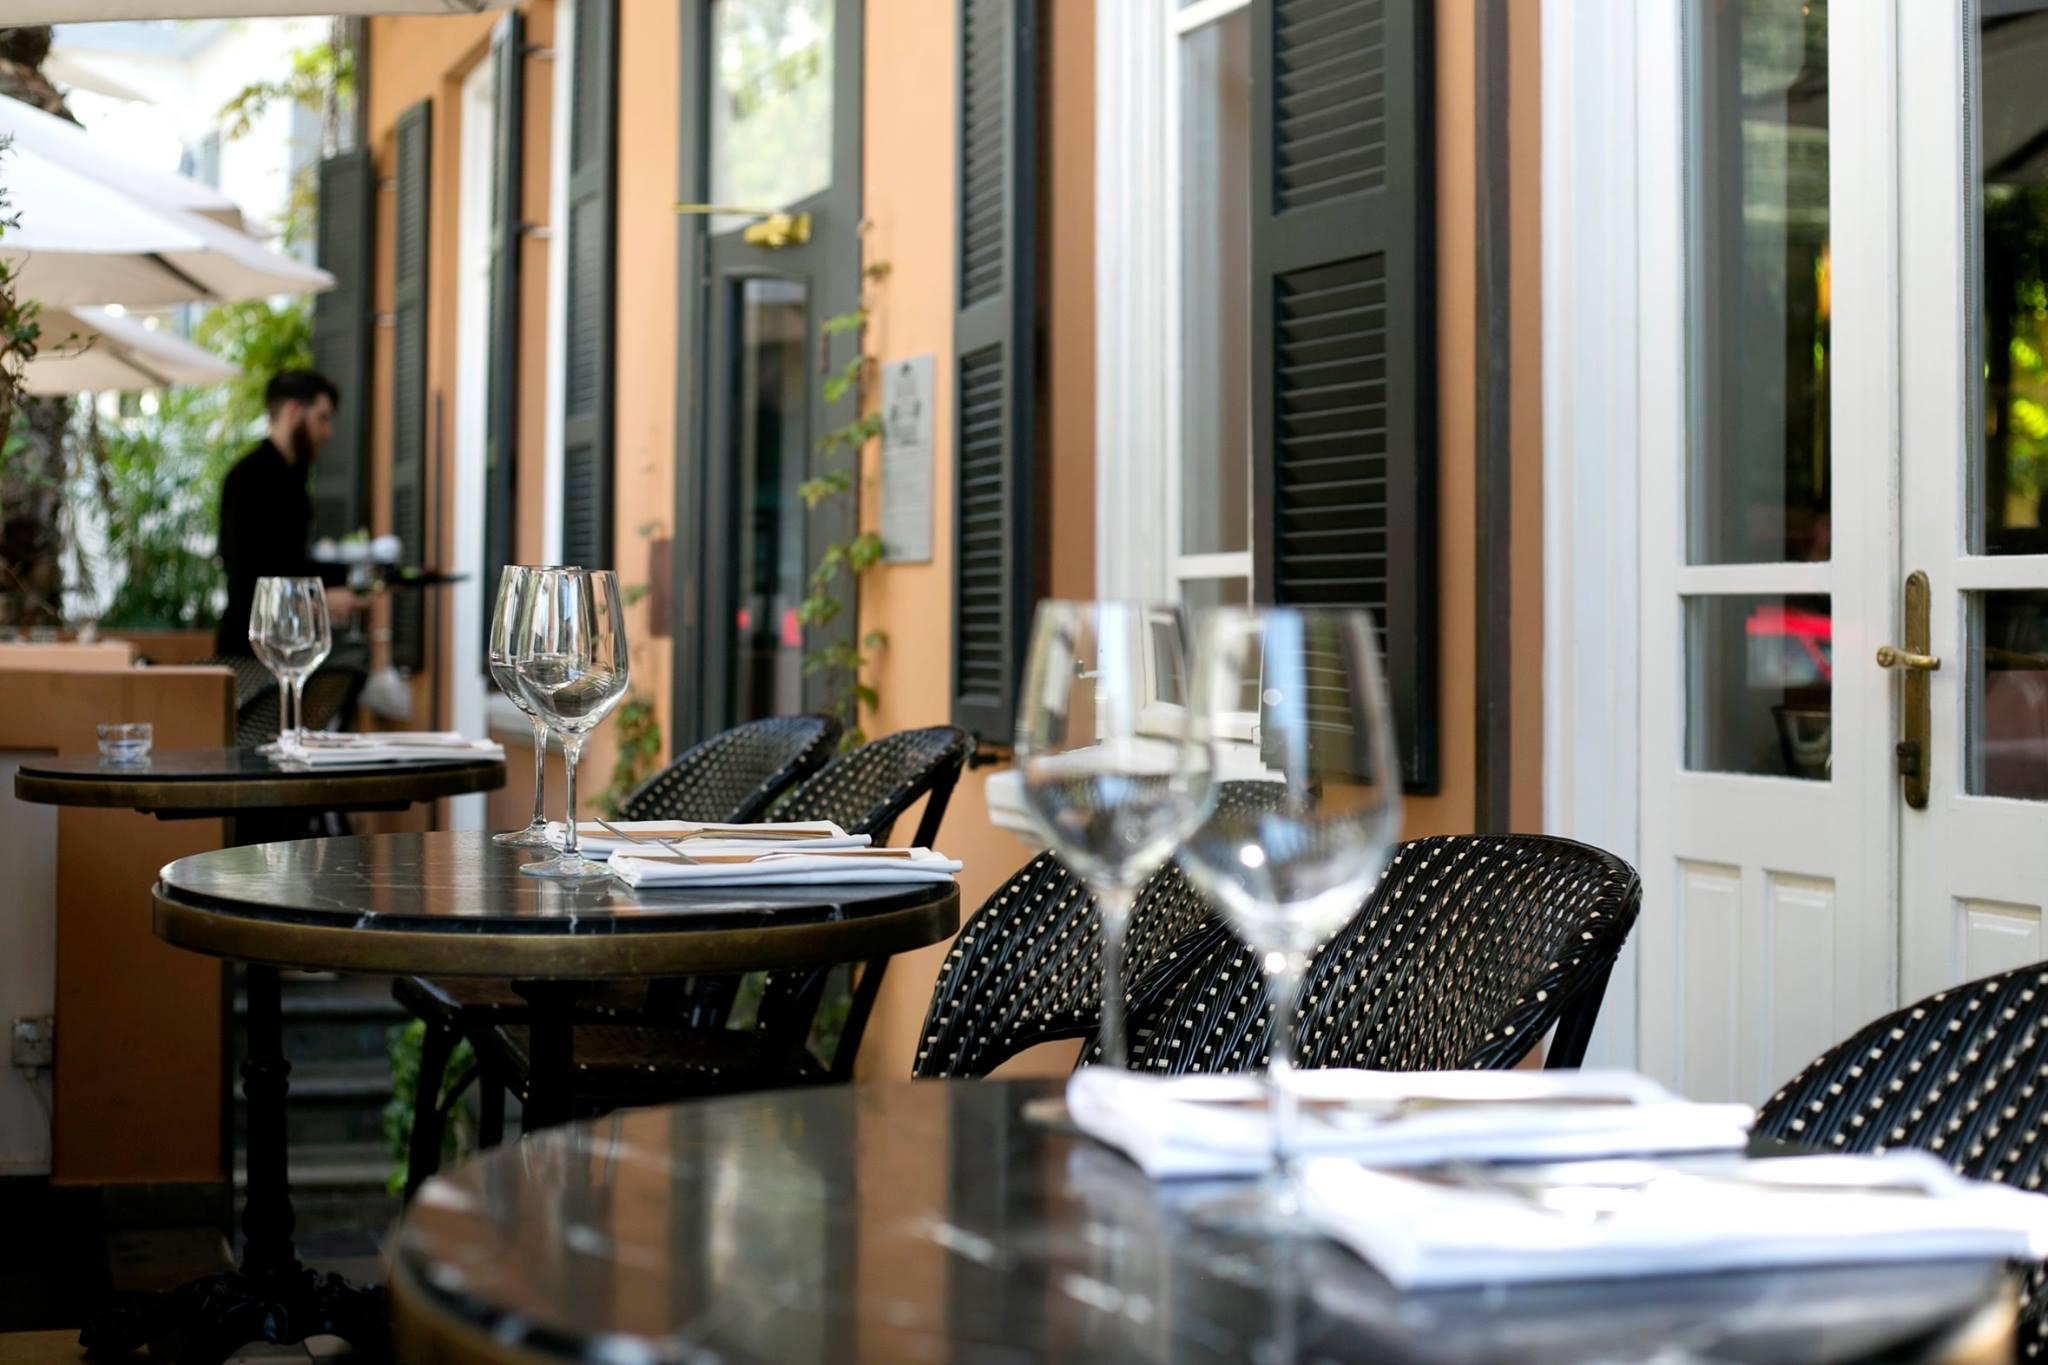 Hotel Montefiore | Courtesy Hotel Montefiore